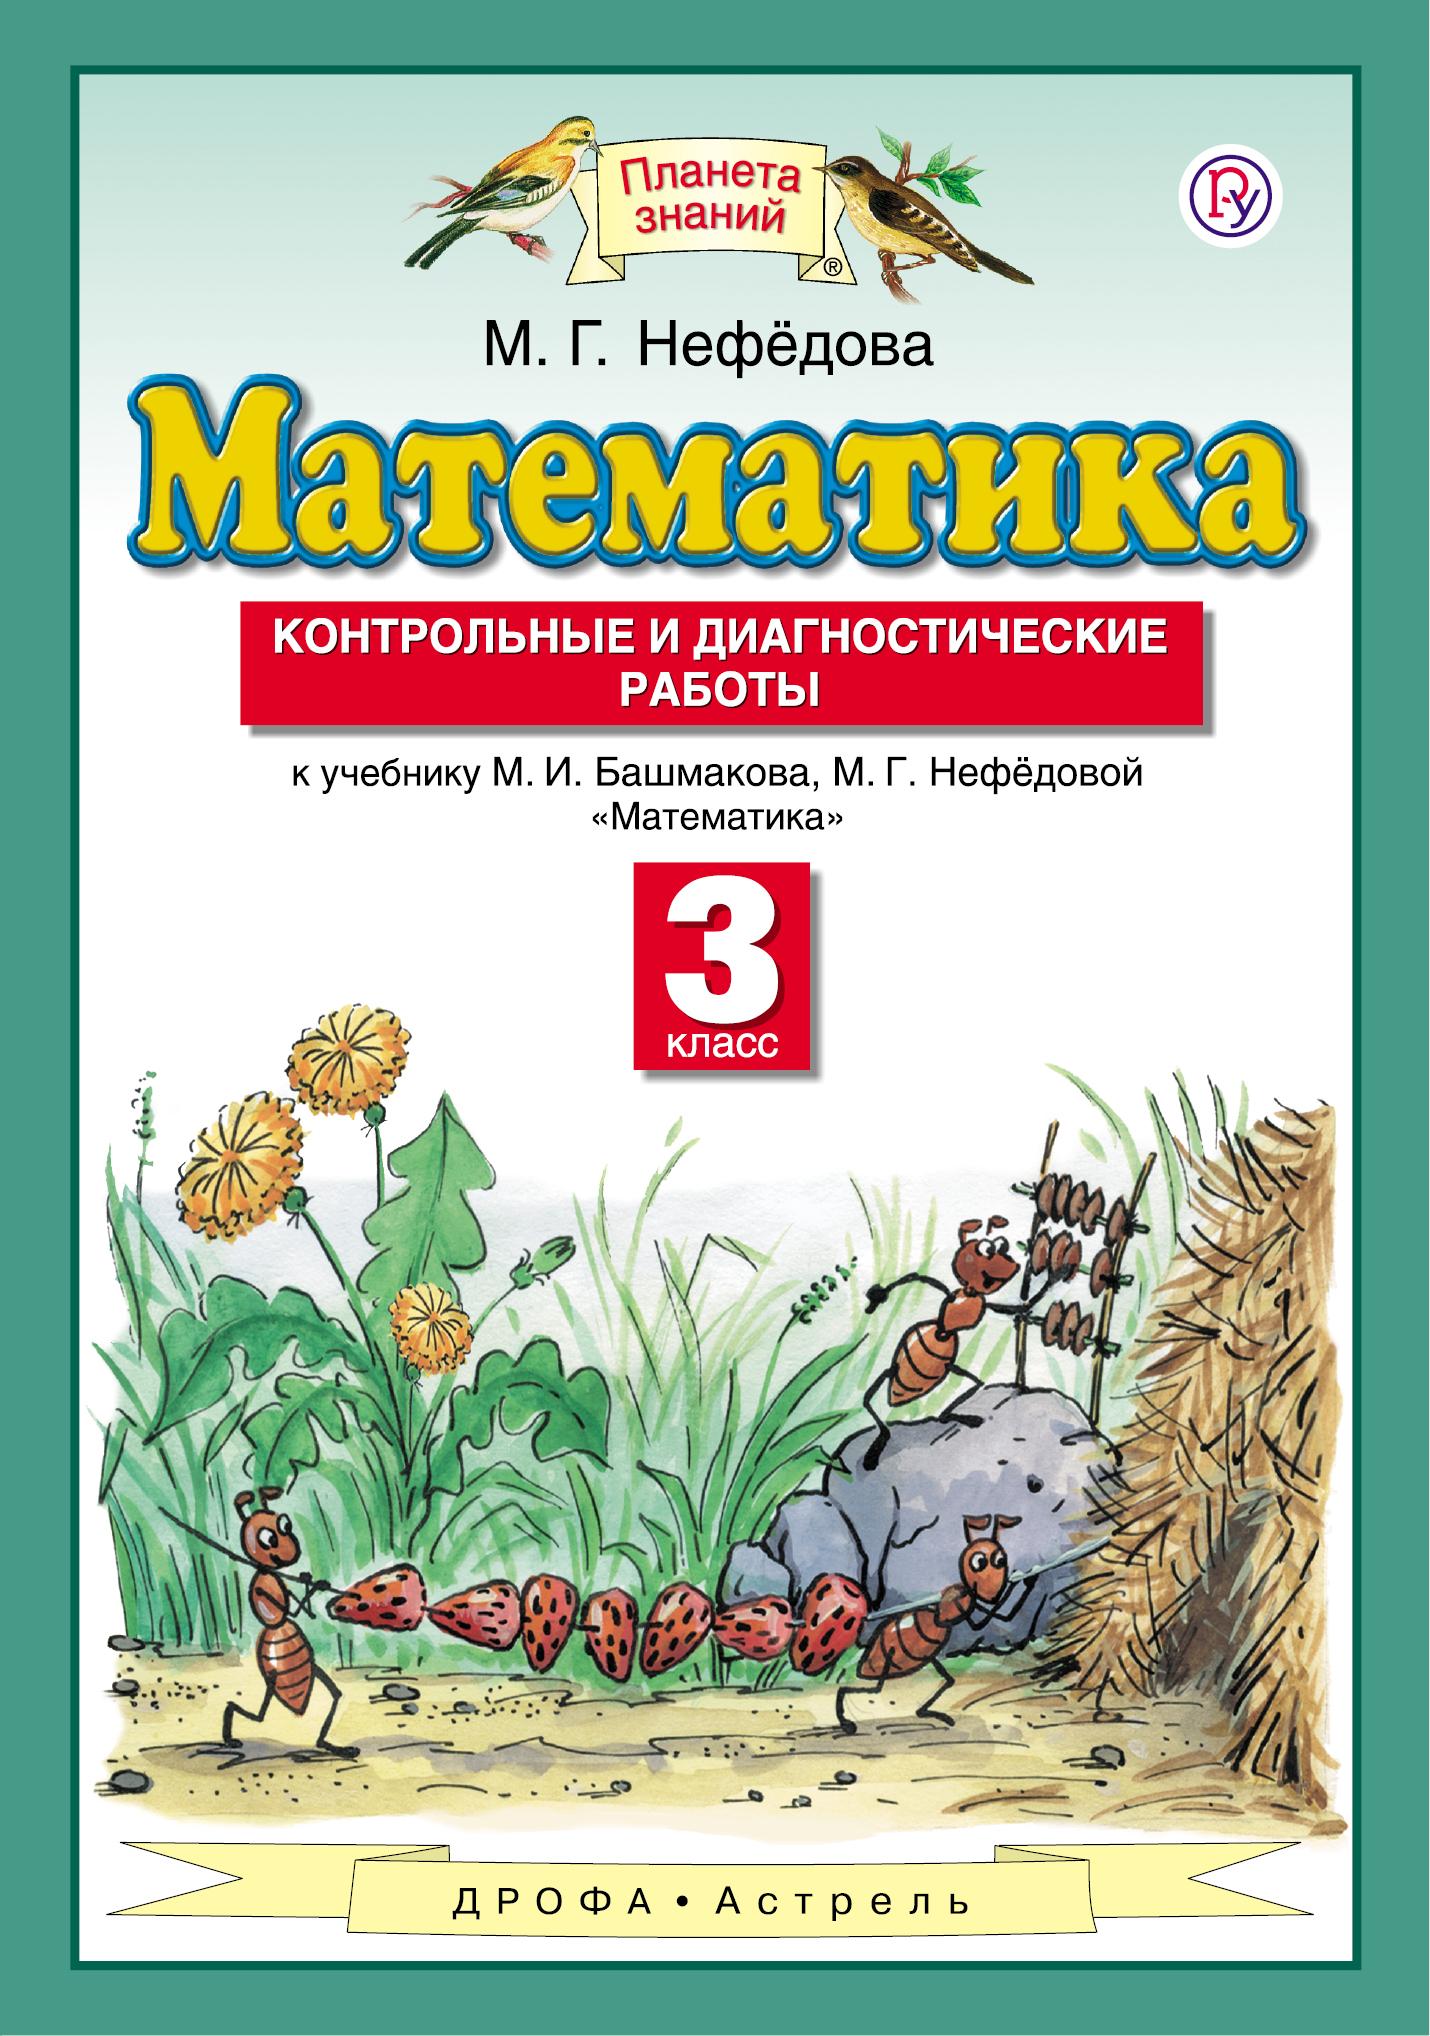 Нефедова М.Г. Математика. 3 класс. Контрольные и диагностические работы. цена и фото